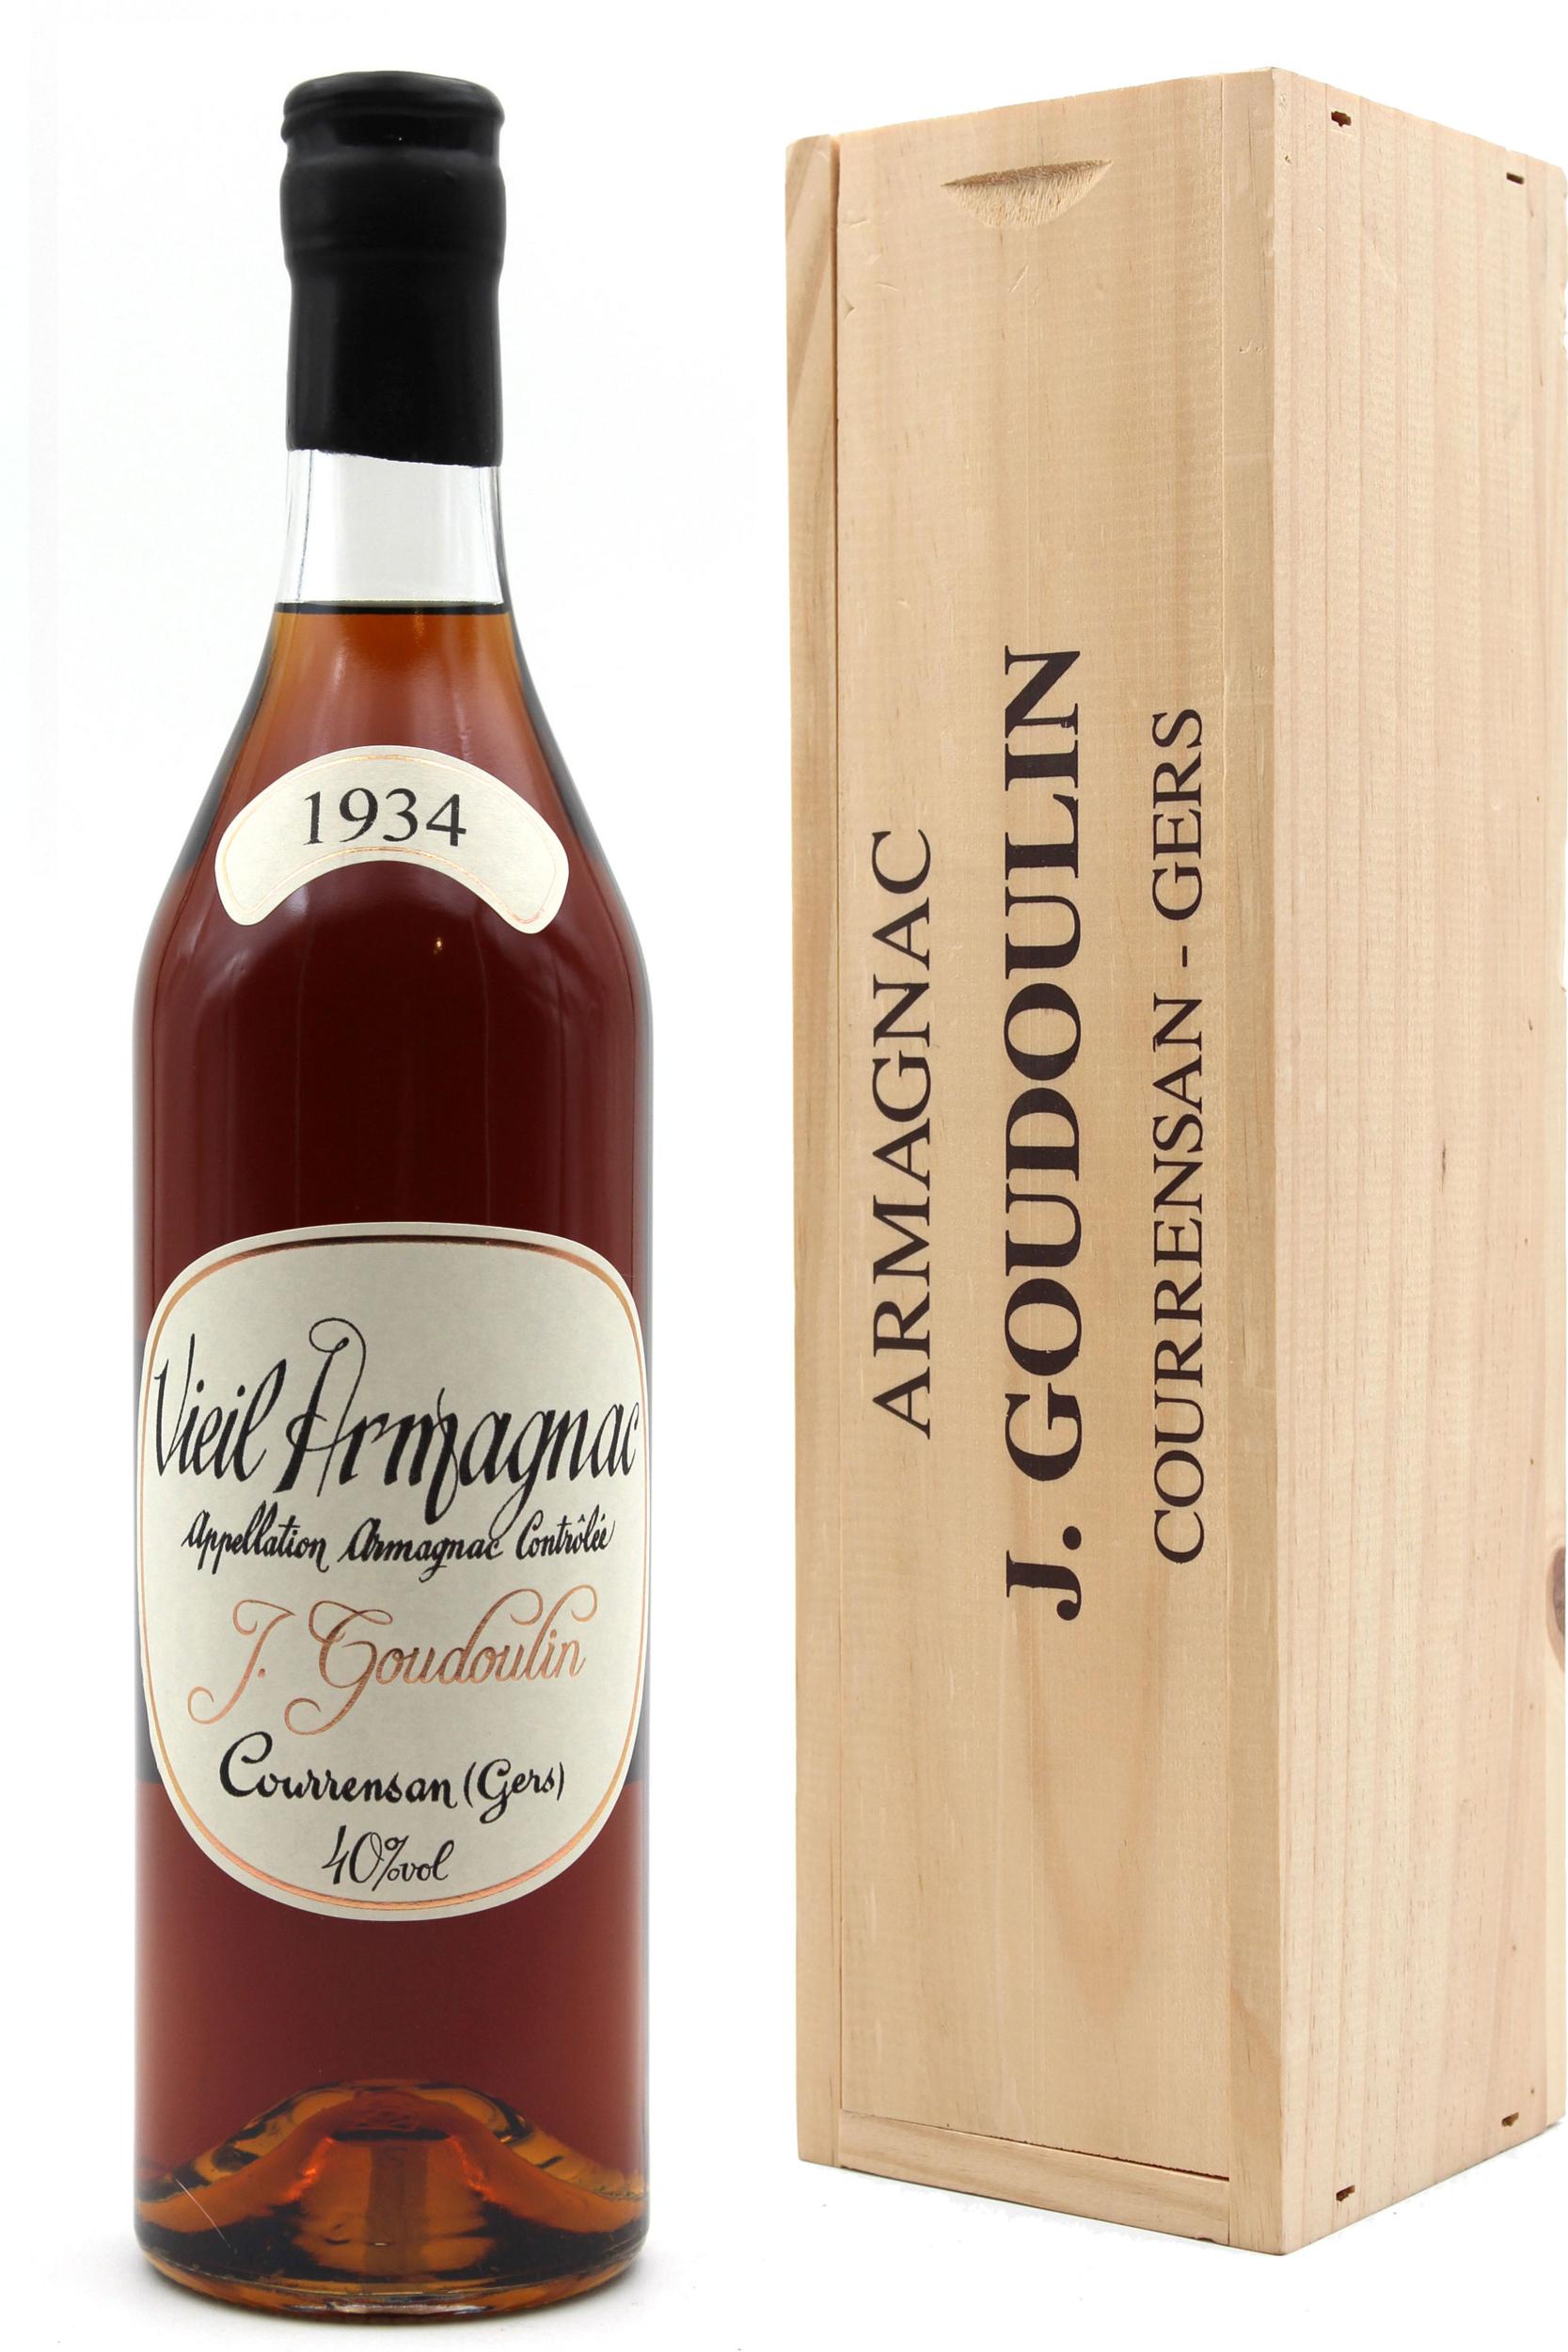 Vieil Armagnac J.Goudoulin 1934 - 70cl